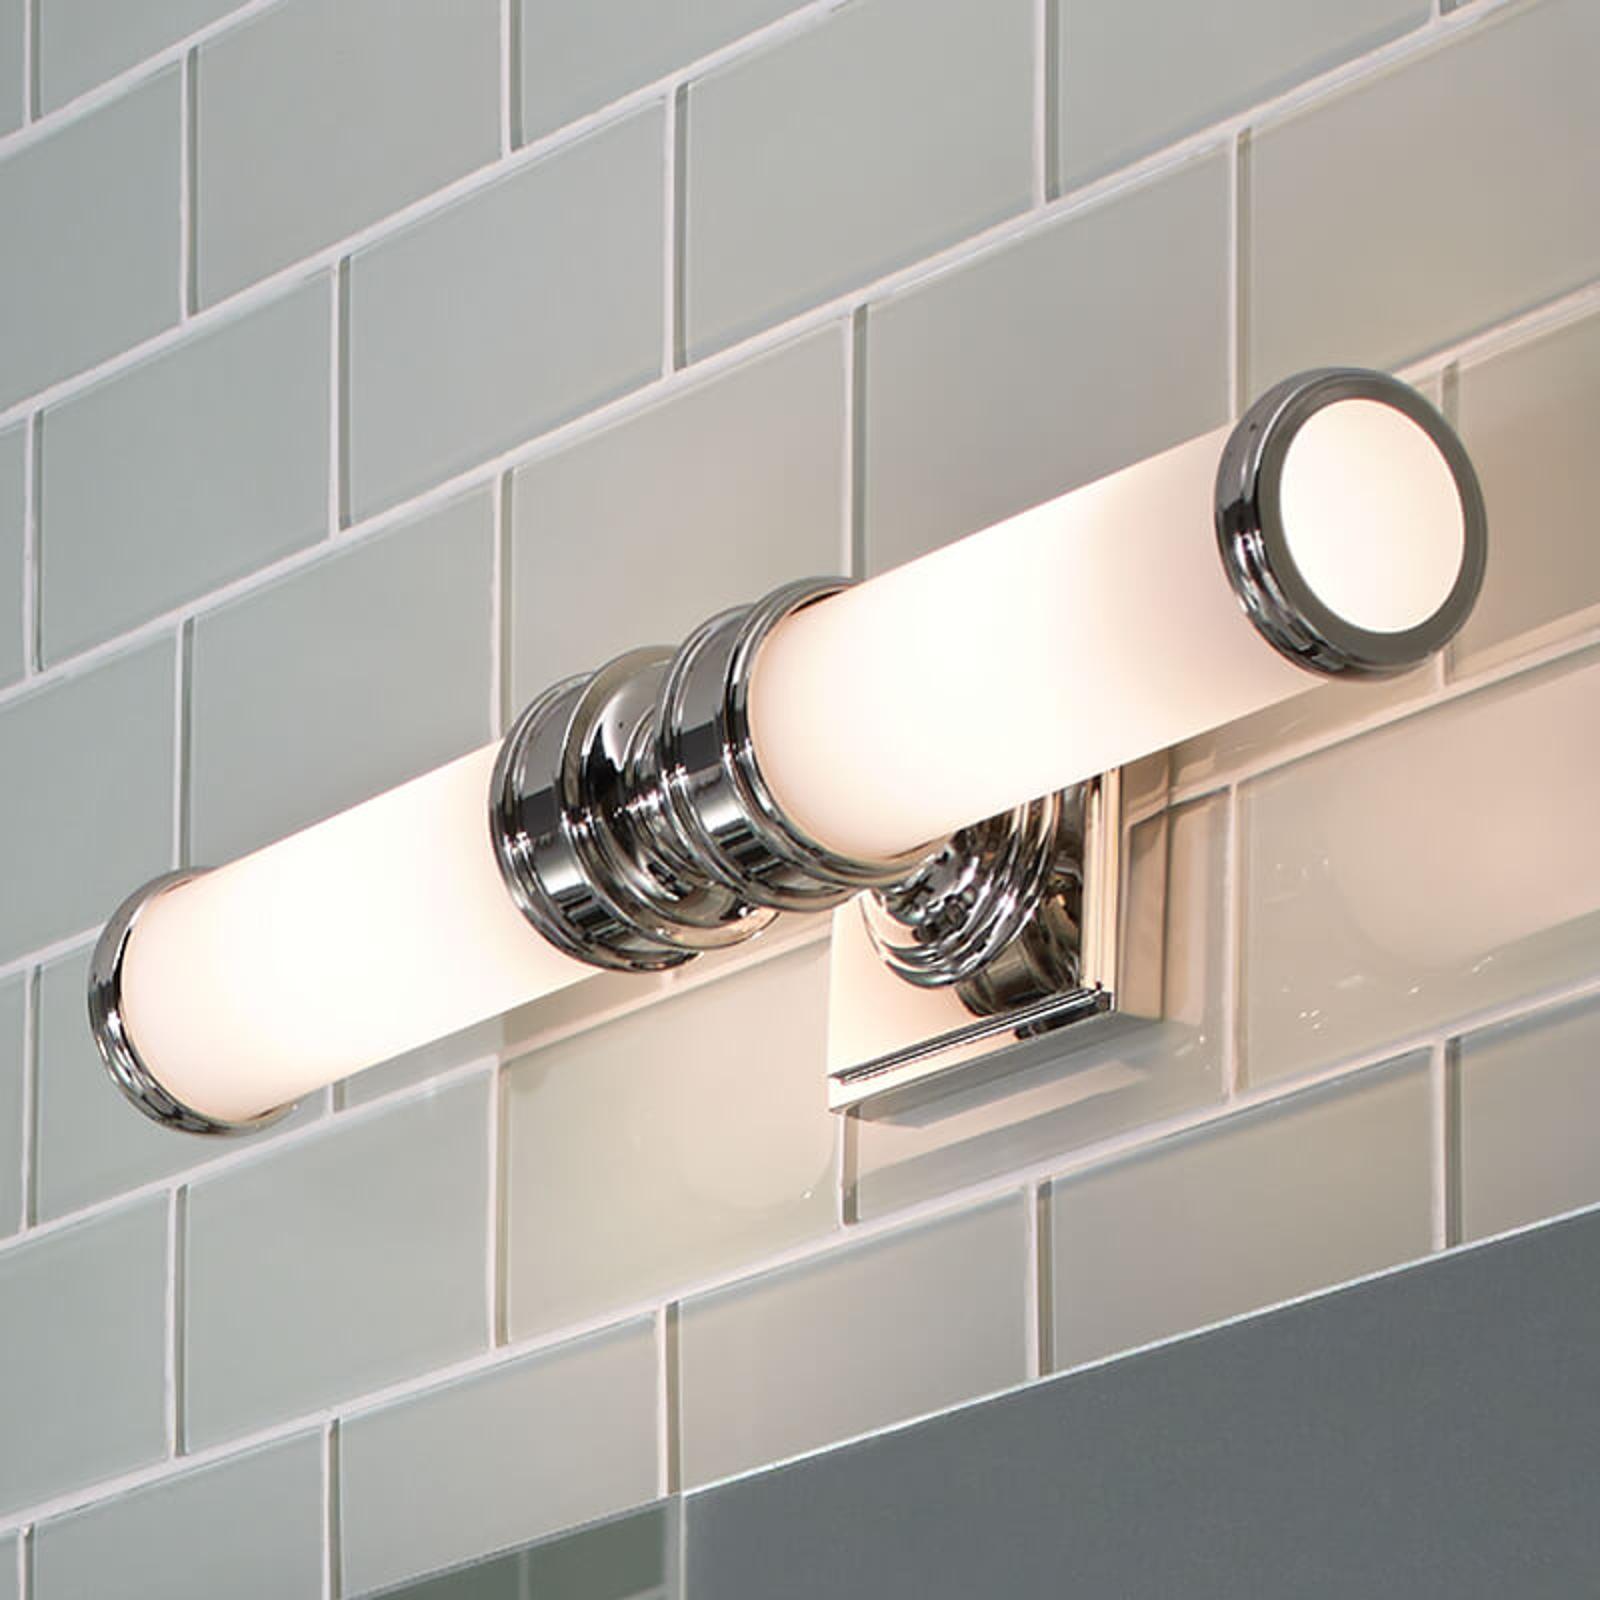 Applique pour miroir LED Payne deux lampes